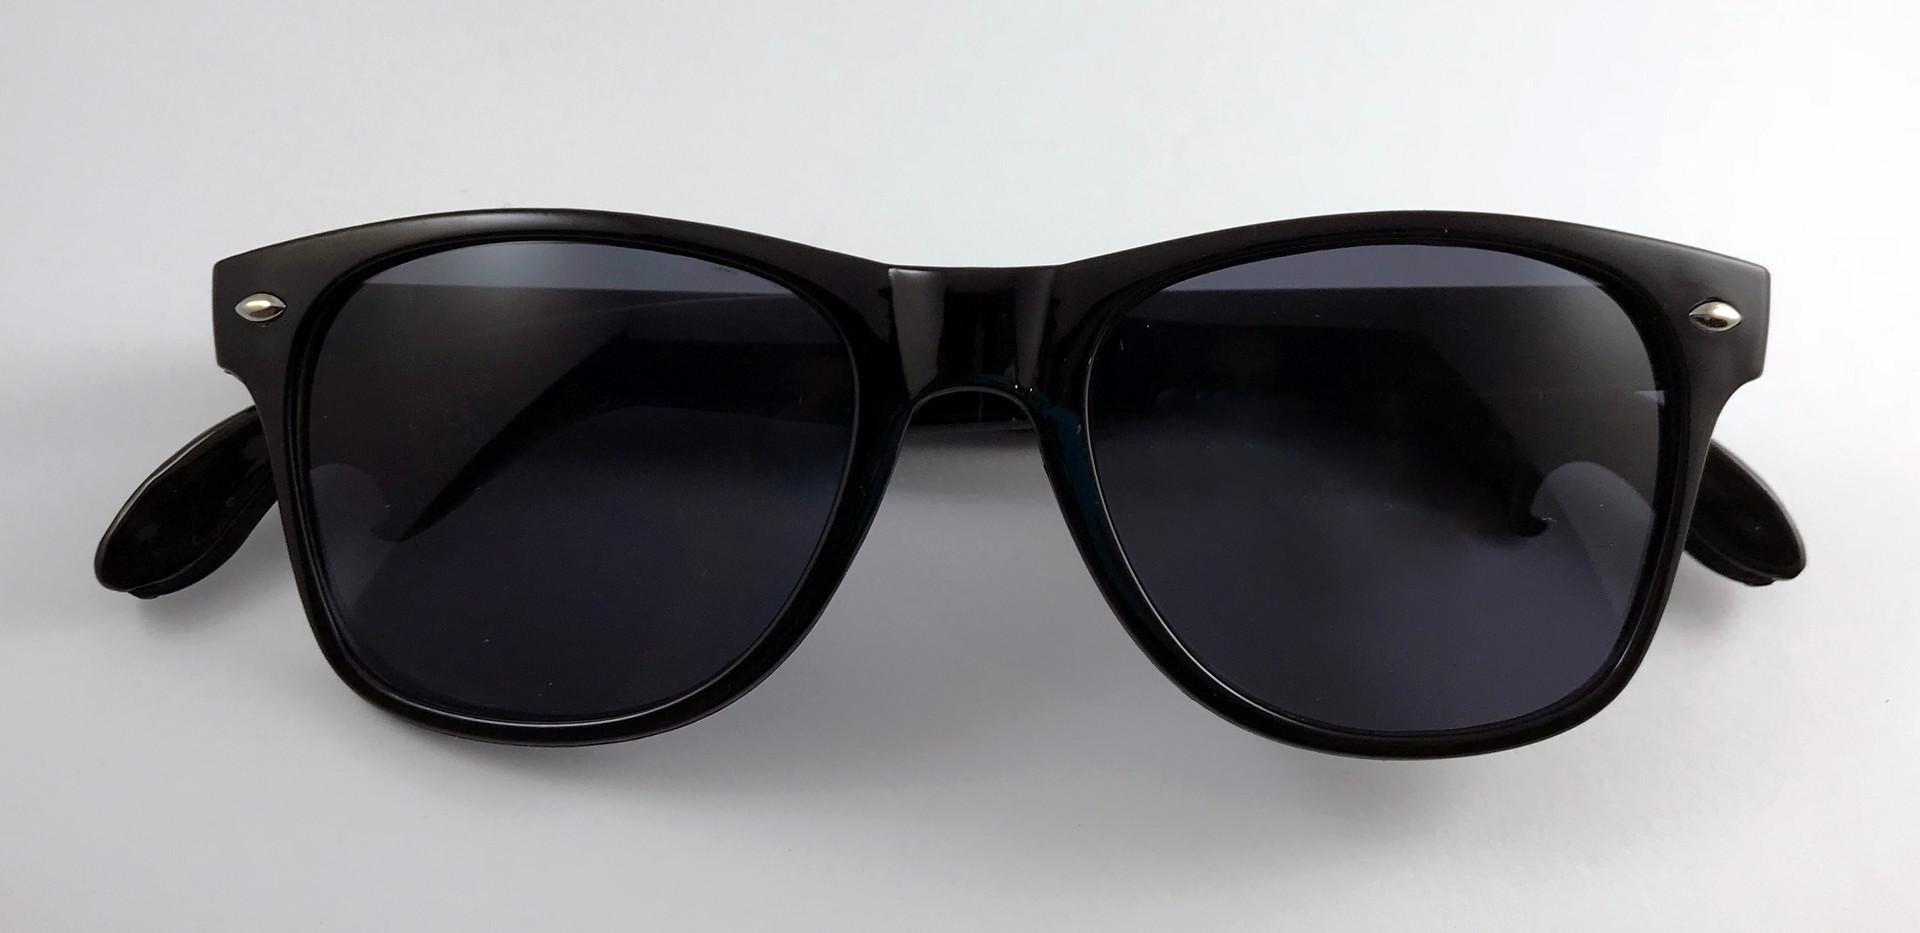 Sunglasses w/ Bottle Opener